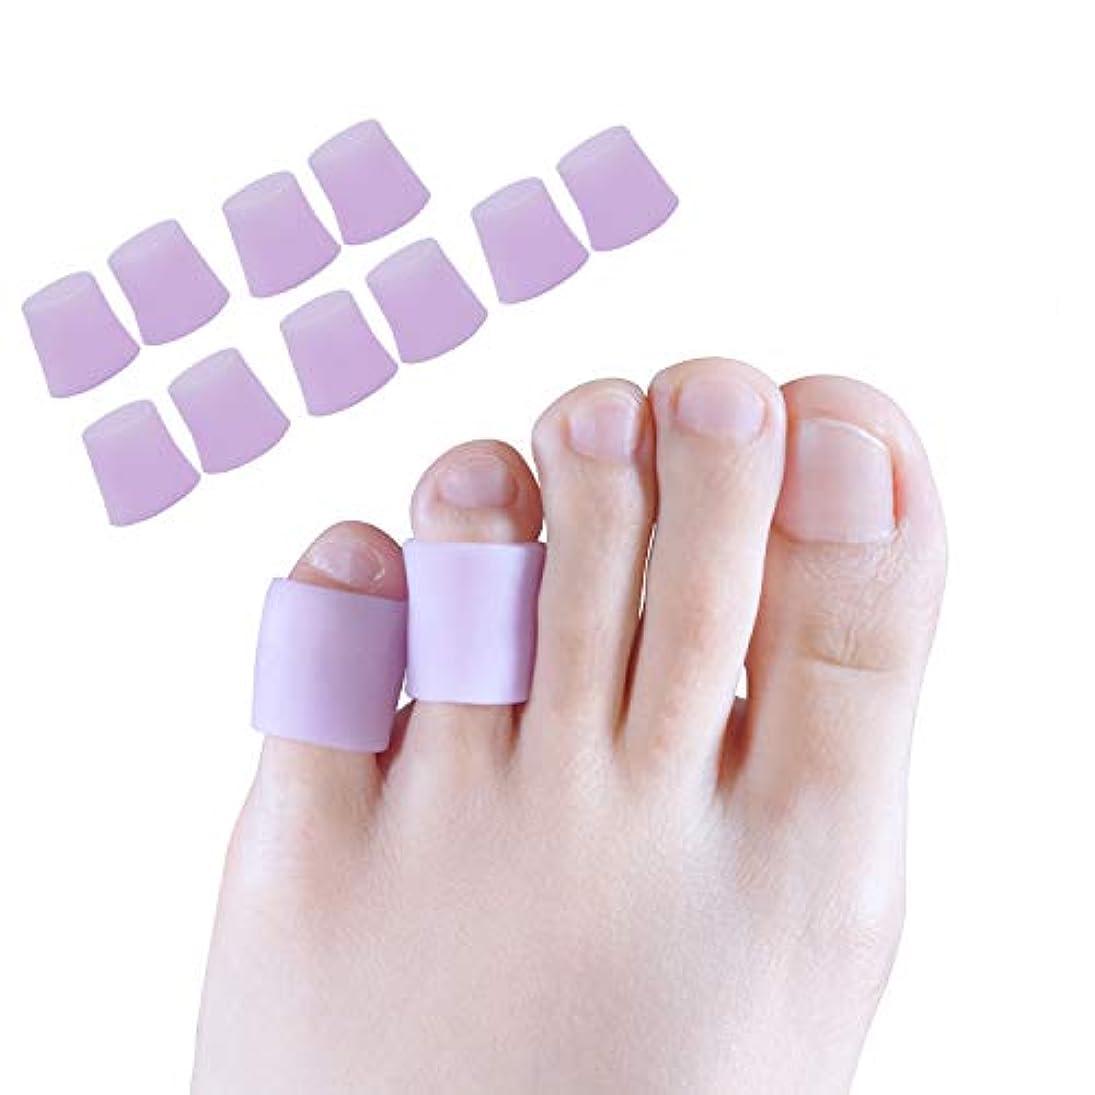 グリーンランド拳勝利したPovihome 足指保護キャップ, 足指 足爪 保護キャップ 小指 5ペア,足の小指保護,パープル